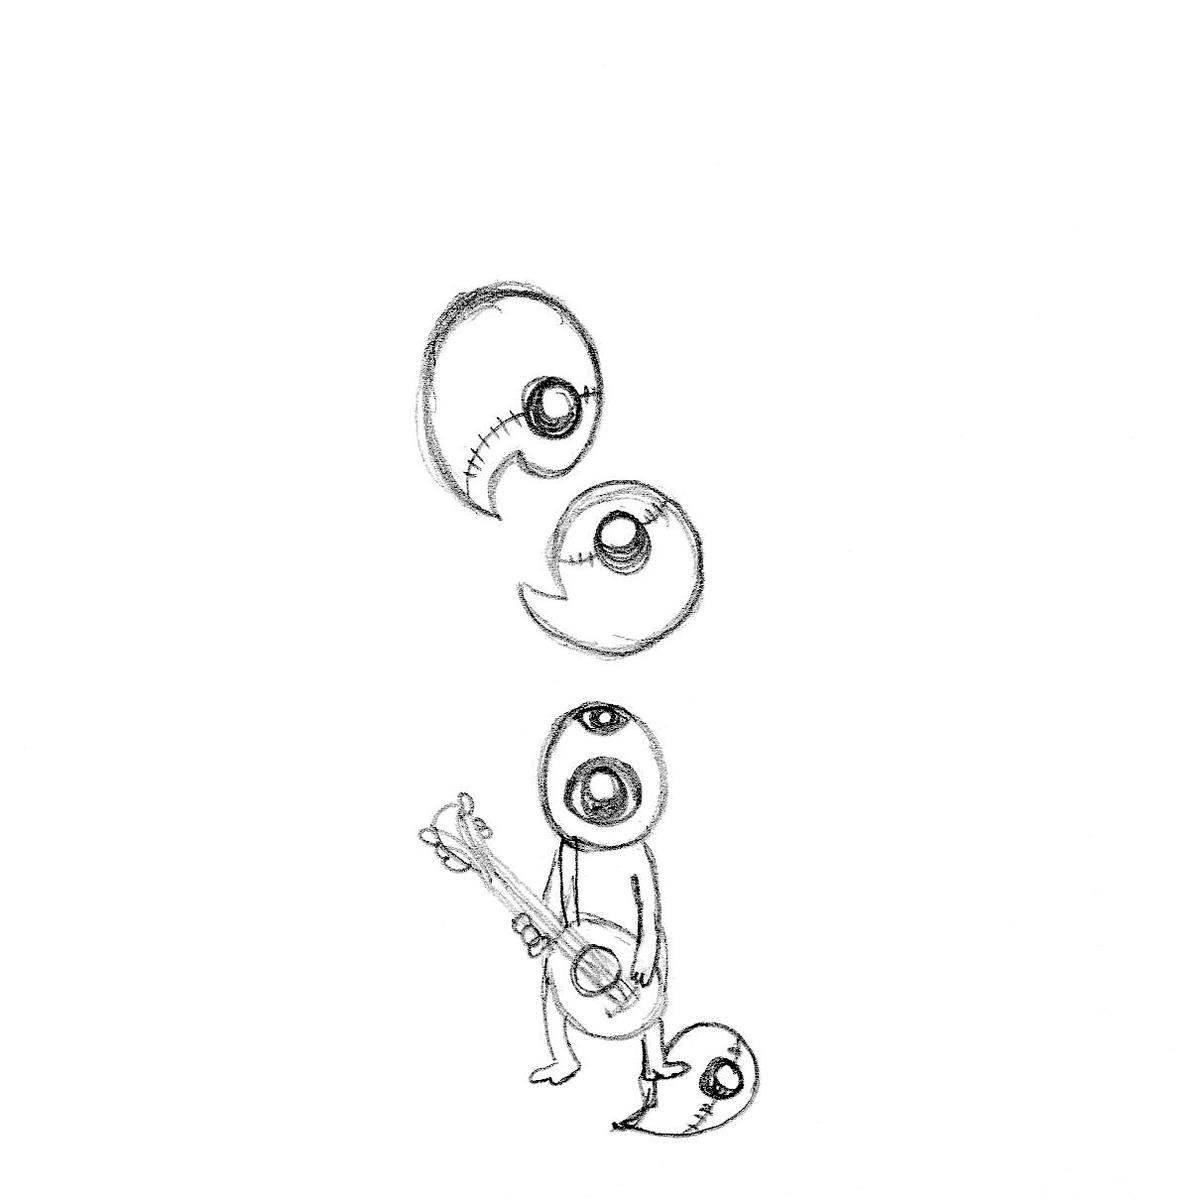 f:id:Narutok:20200103232156j:plain